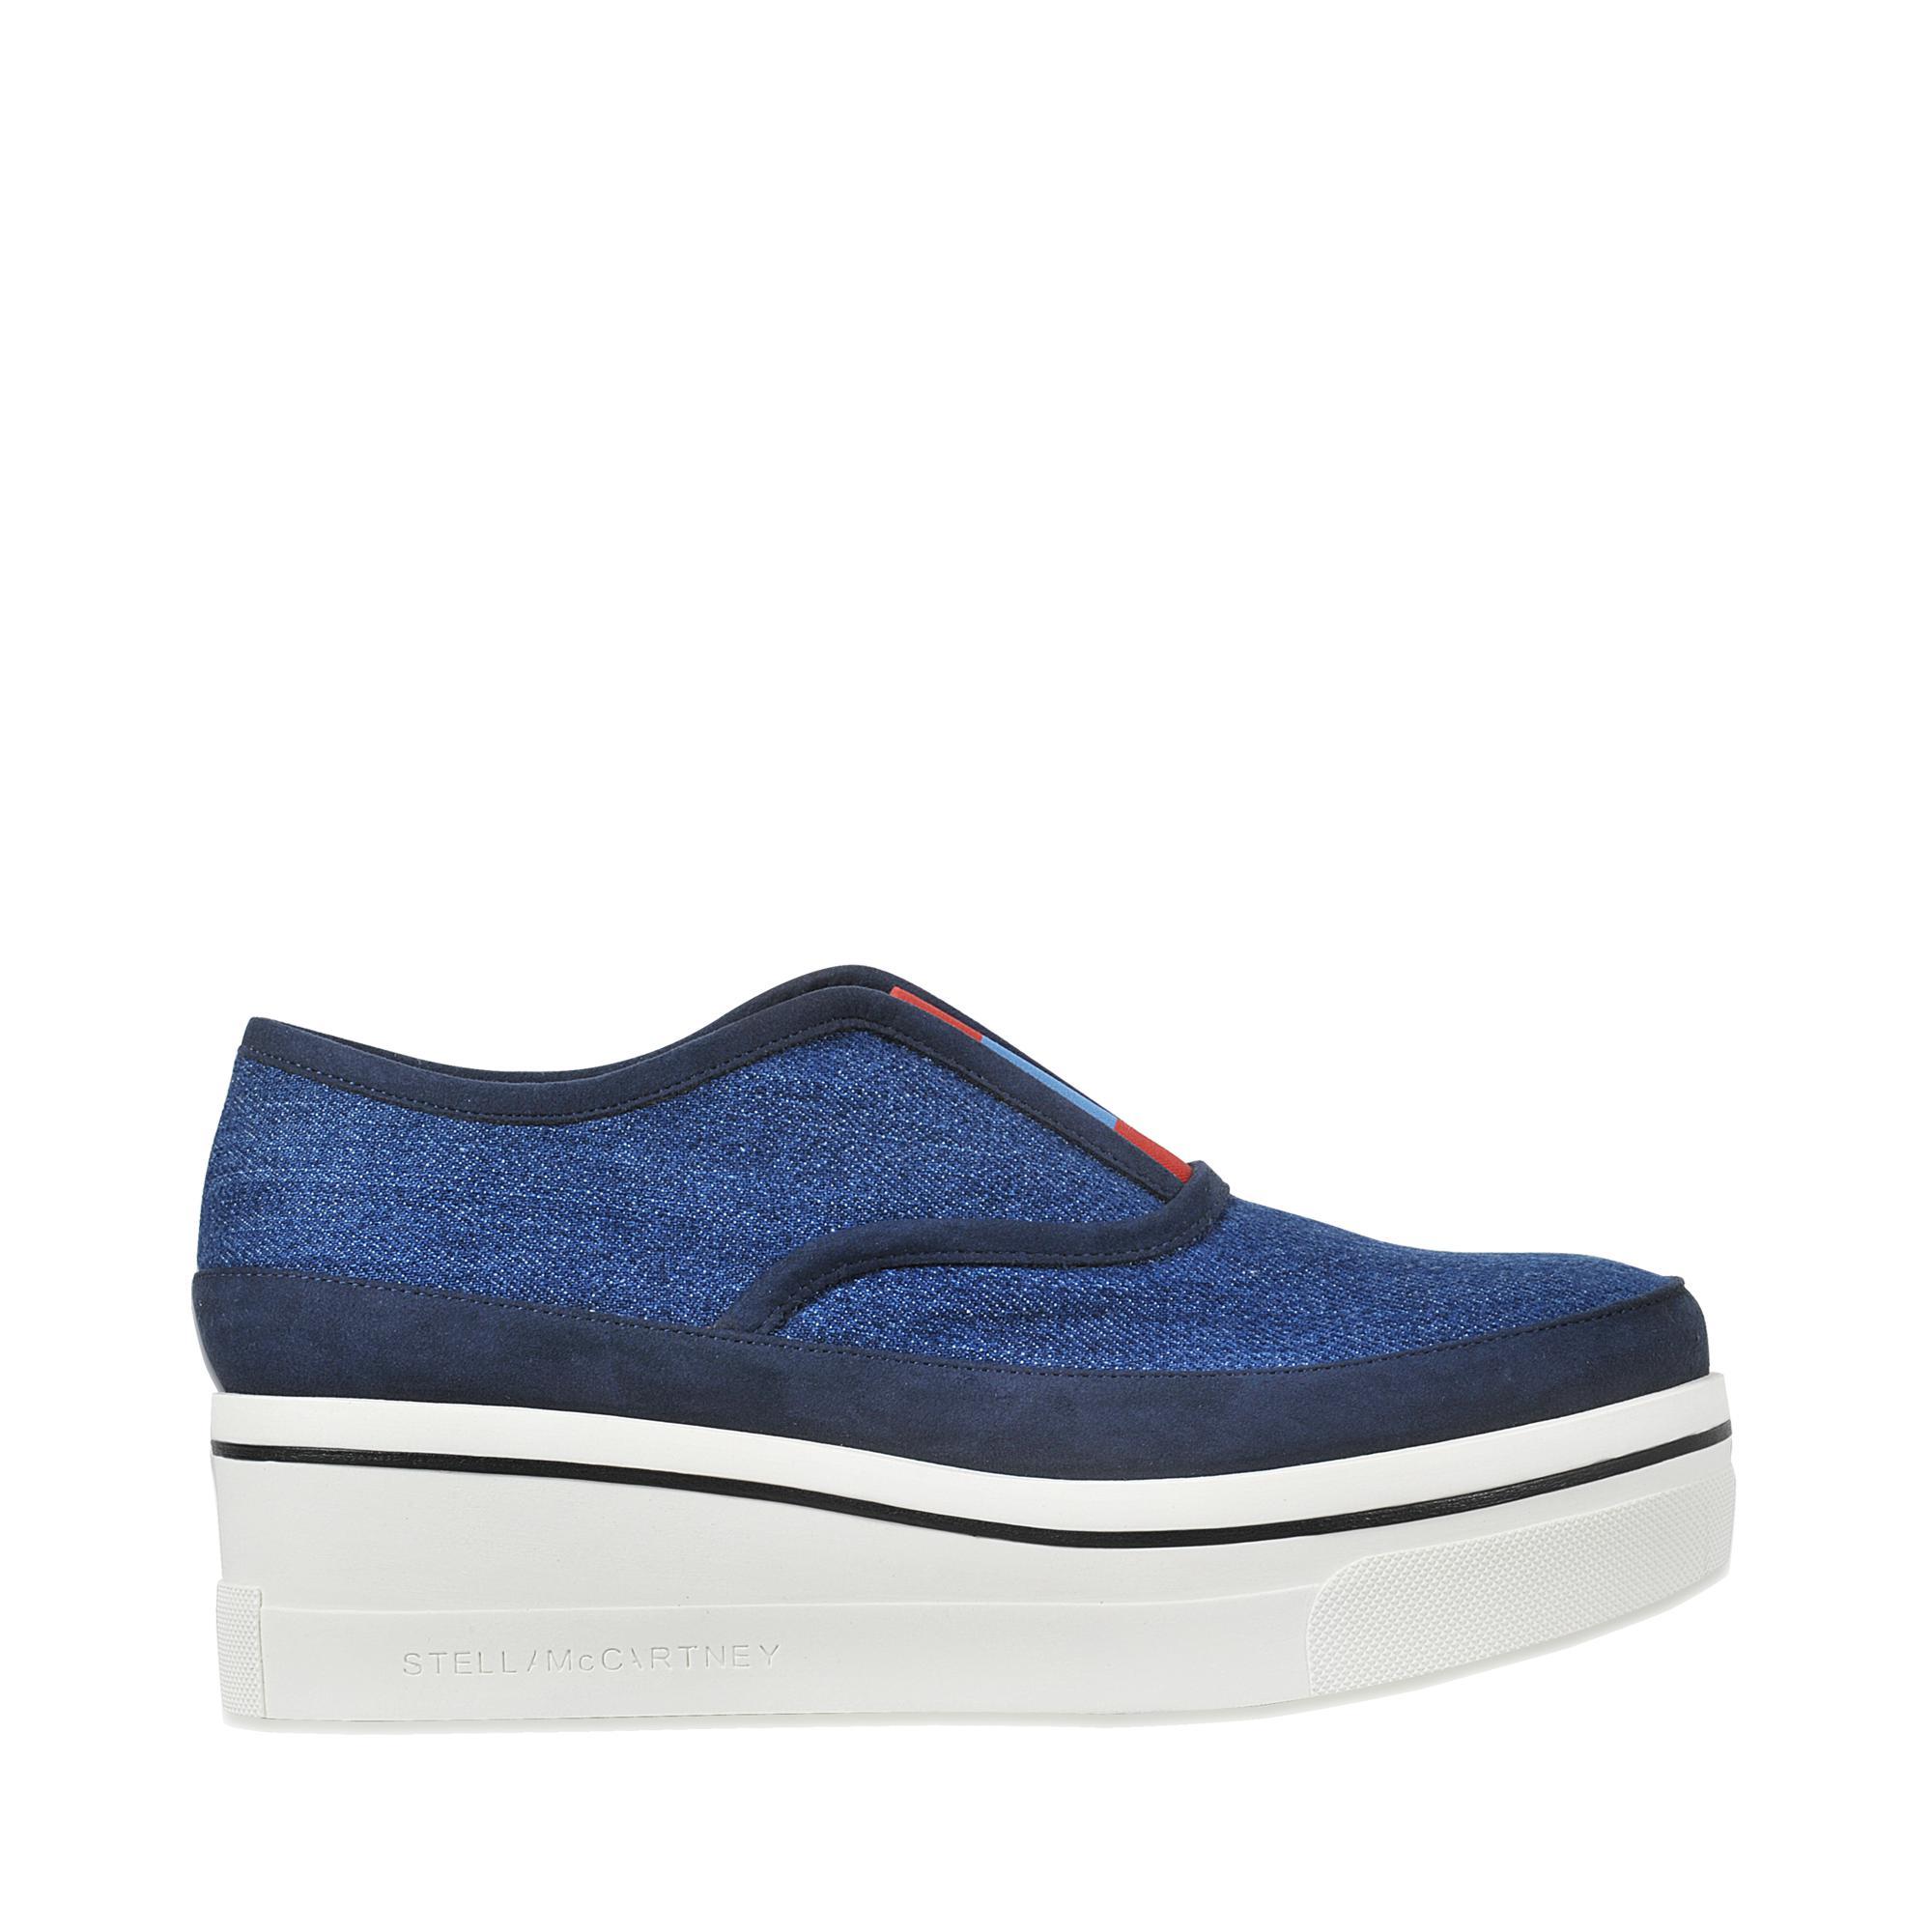 Binx loafers - Blue Stella McCartney RmlC4Jw1